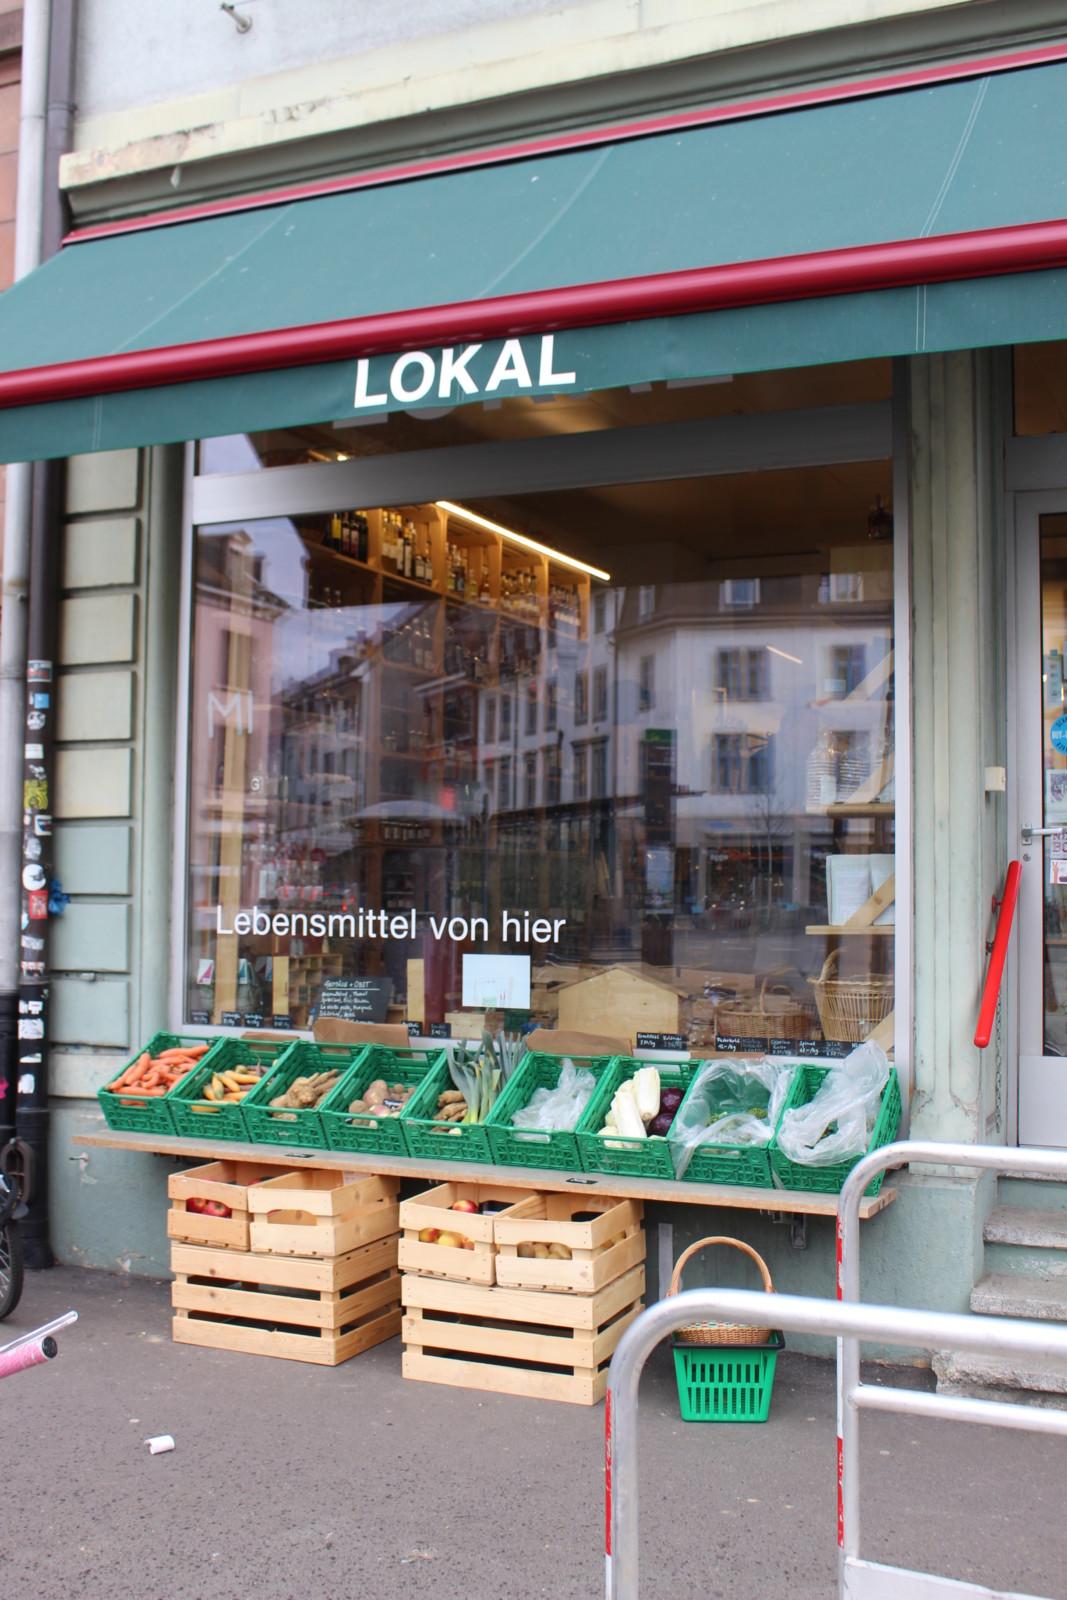 Hier gibt es eine schöne Auswahl an regionalen und saisonalen Produkten. Foto: Lunchgate / Sydney Karolewski